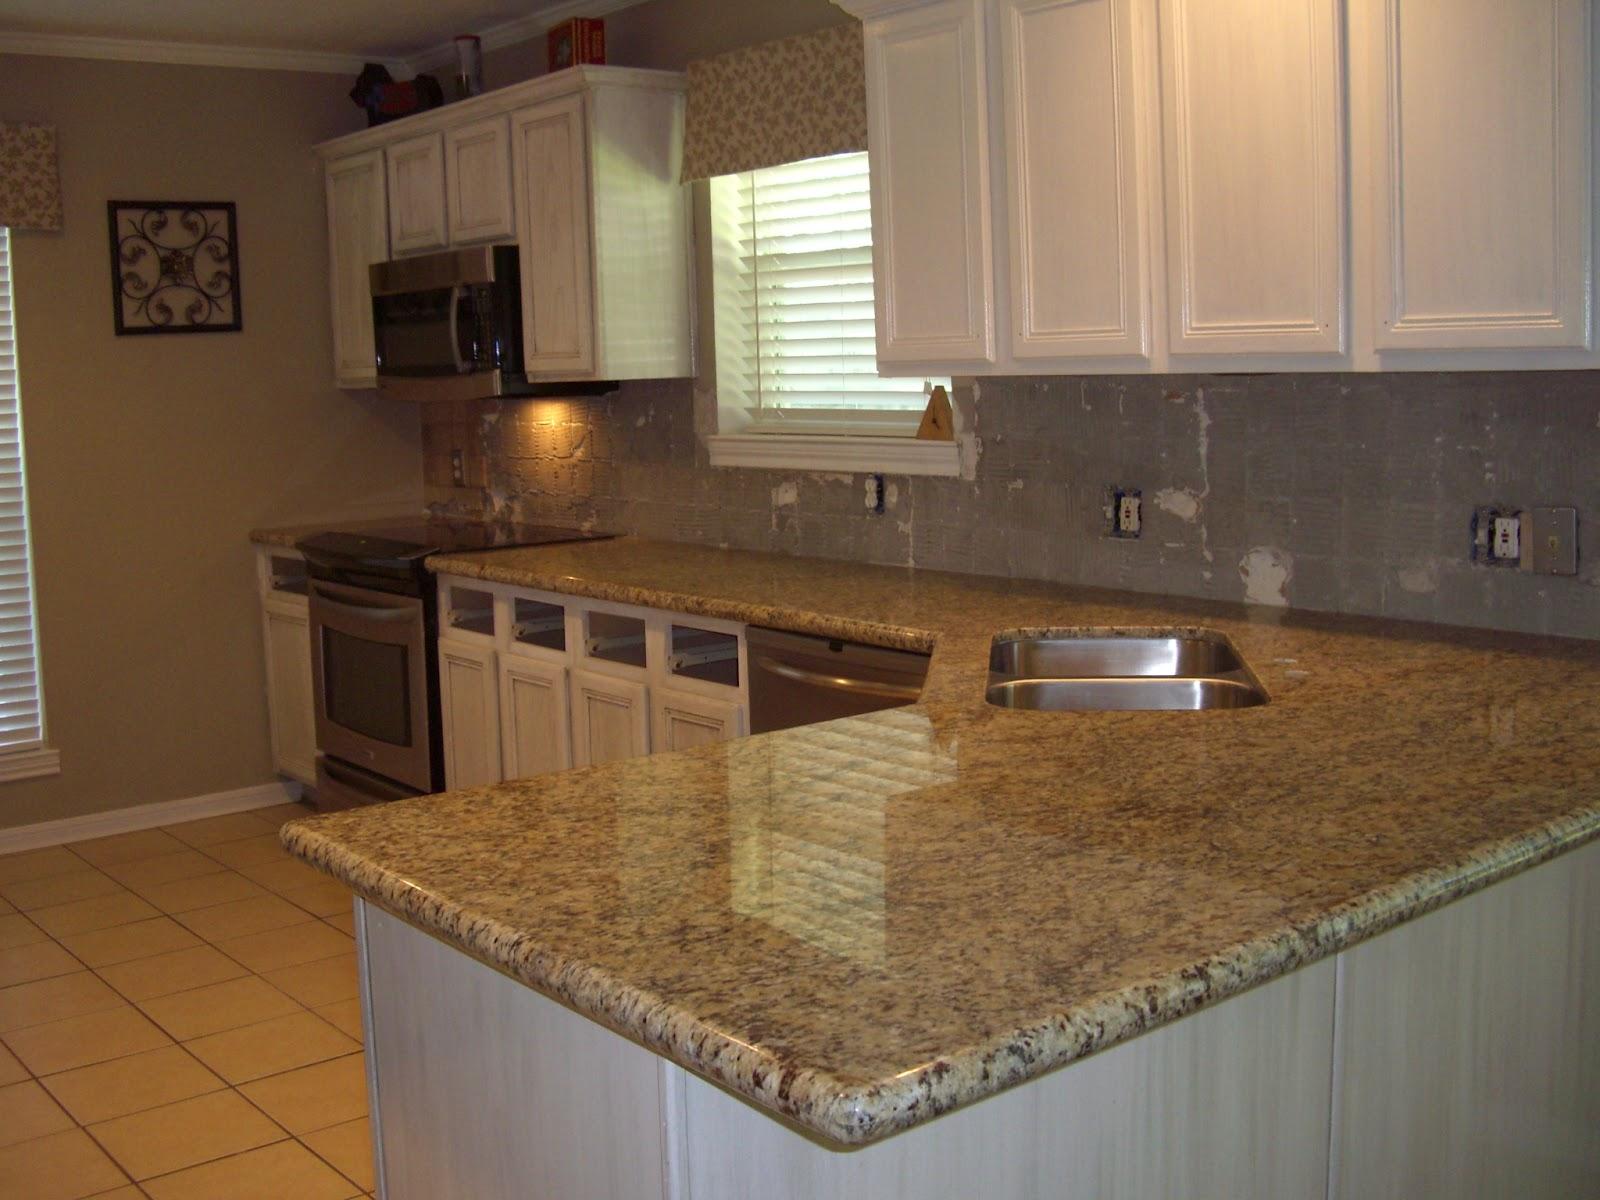 St Cecilia Light Granite Kitchens Similiar Santa Cecilia Granite Countertops With White Cabinets